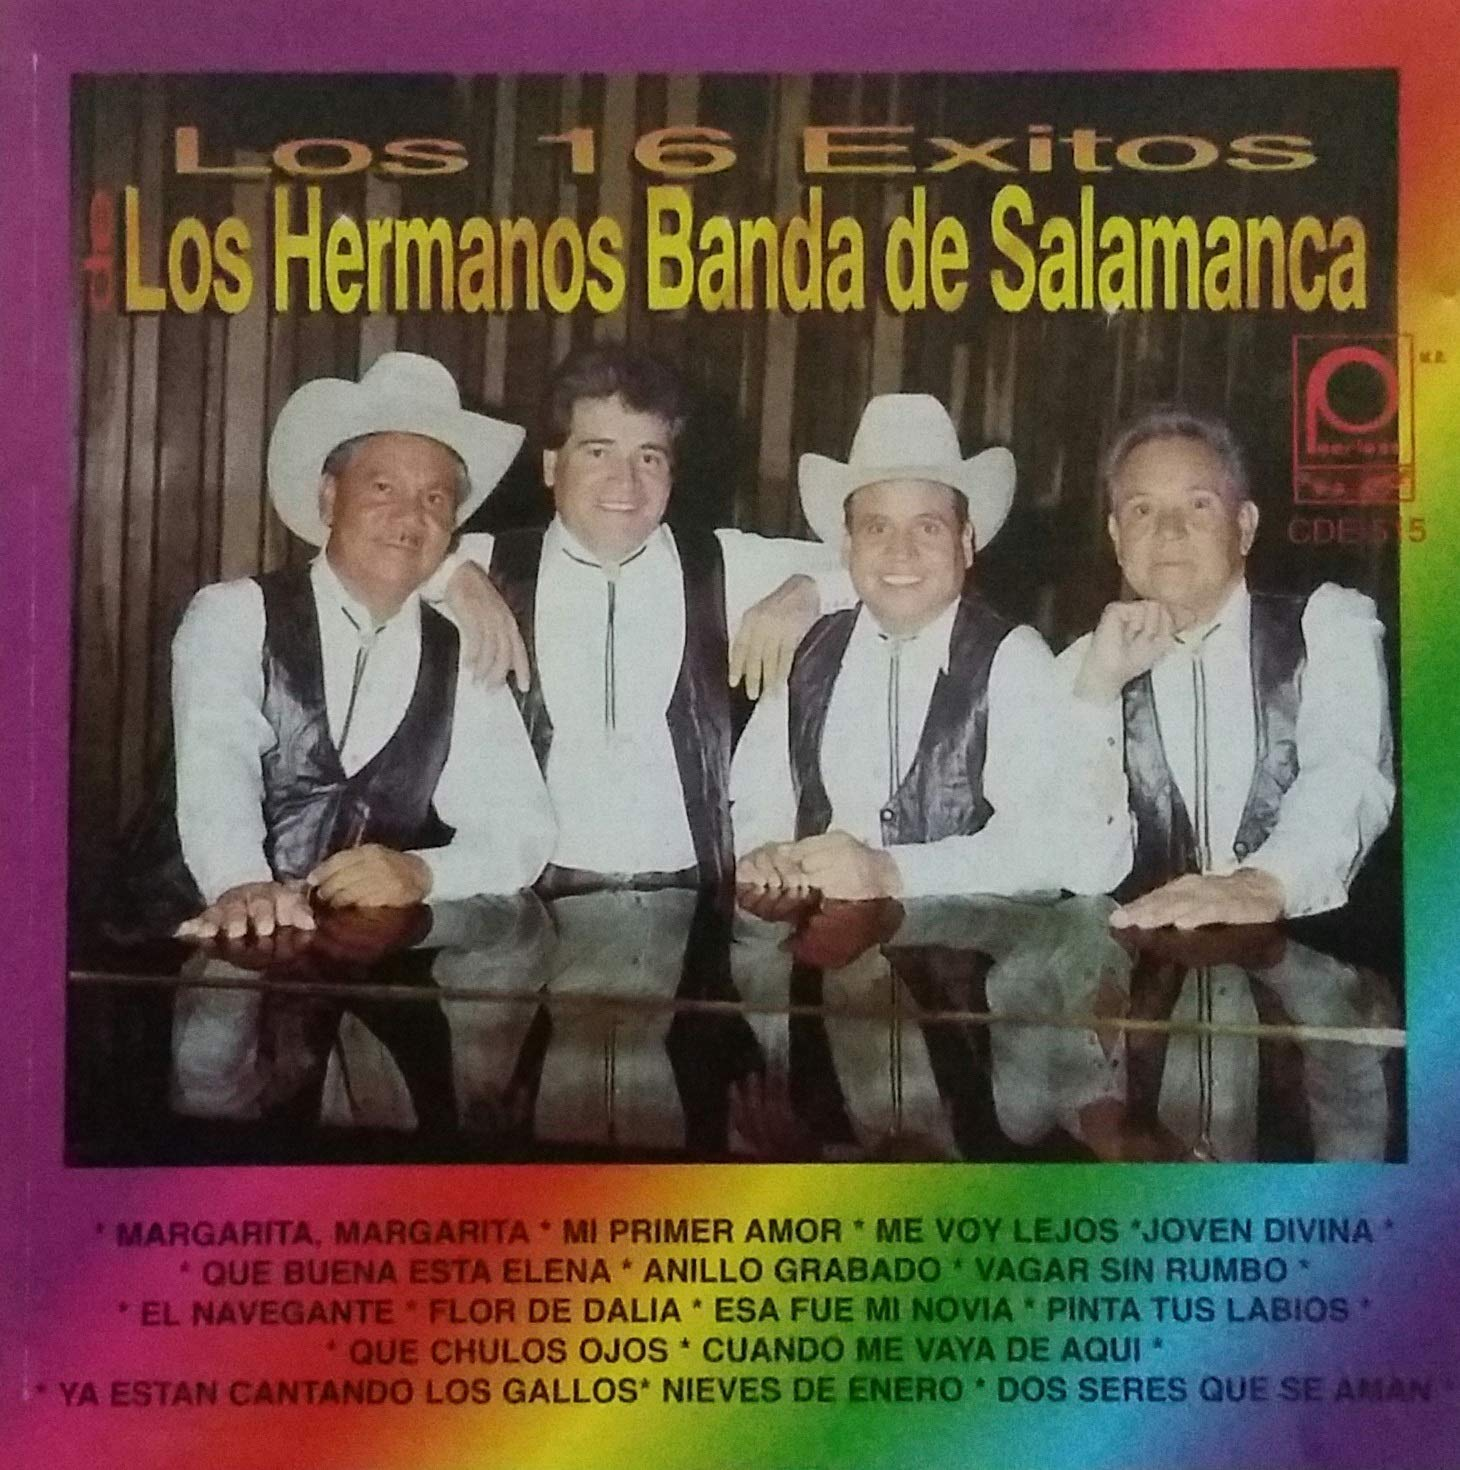 Amazon.com: LOS HERMANOS BANDA DE SALAMANCA - LOS 16 EXITOS ...